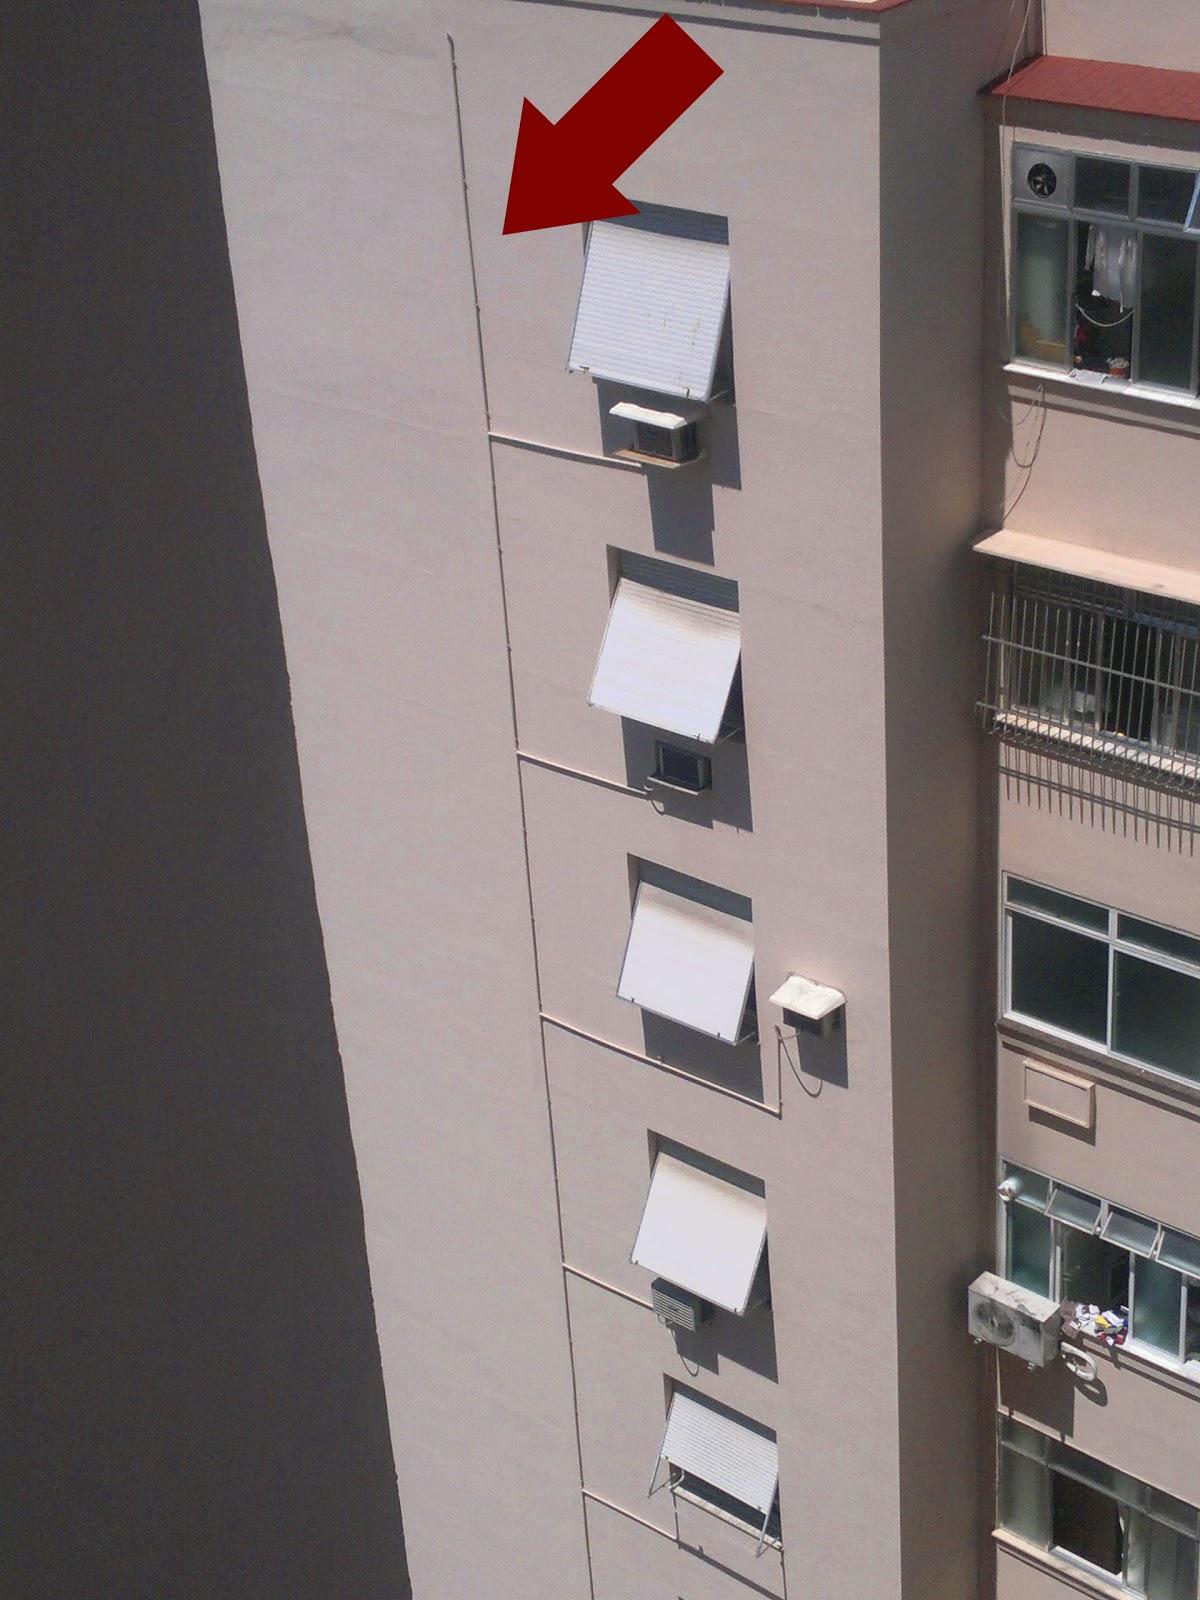 #663E3C  ar condicionado alagavam as calçadas e molhavam os transeuntes 4212 Instalar Ar Condicionado Janela Apartamento